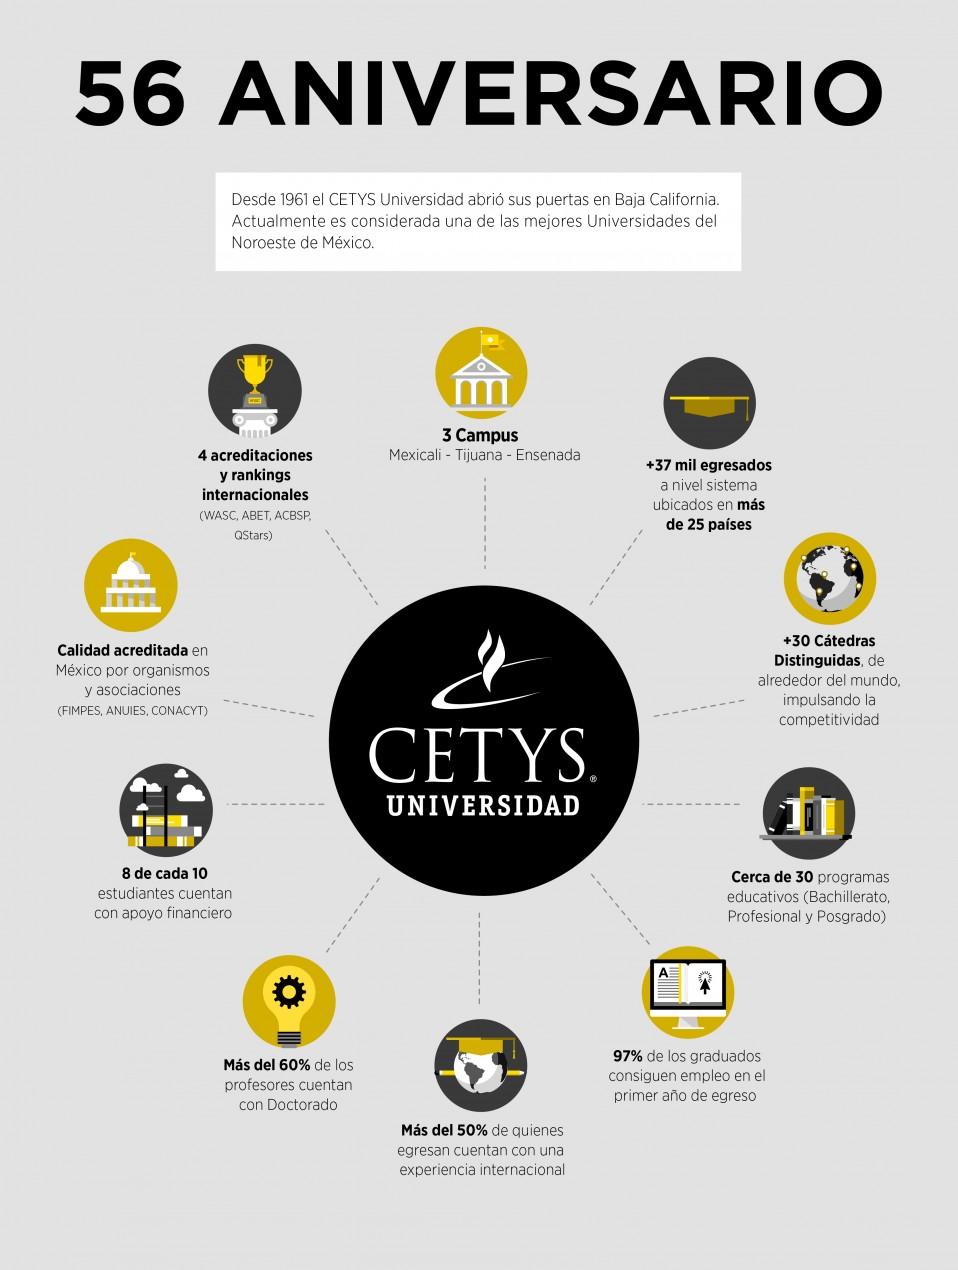 CETYS celebra su aniversario impulsando la Innovación en la Educación Superior